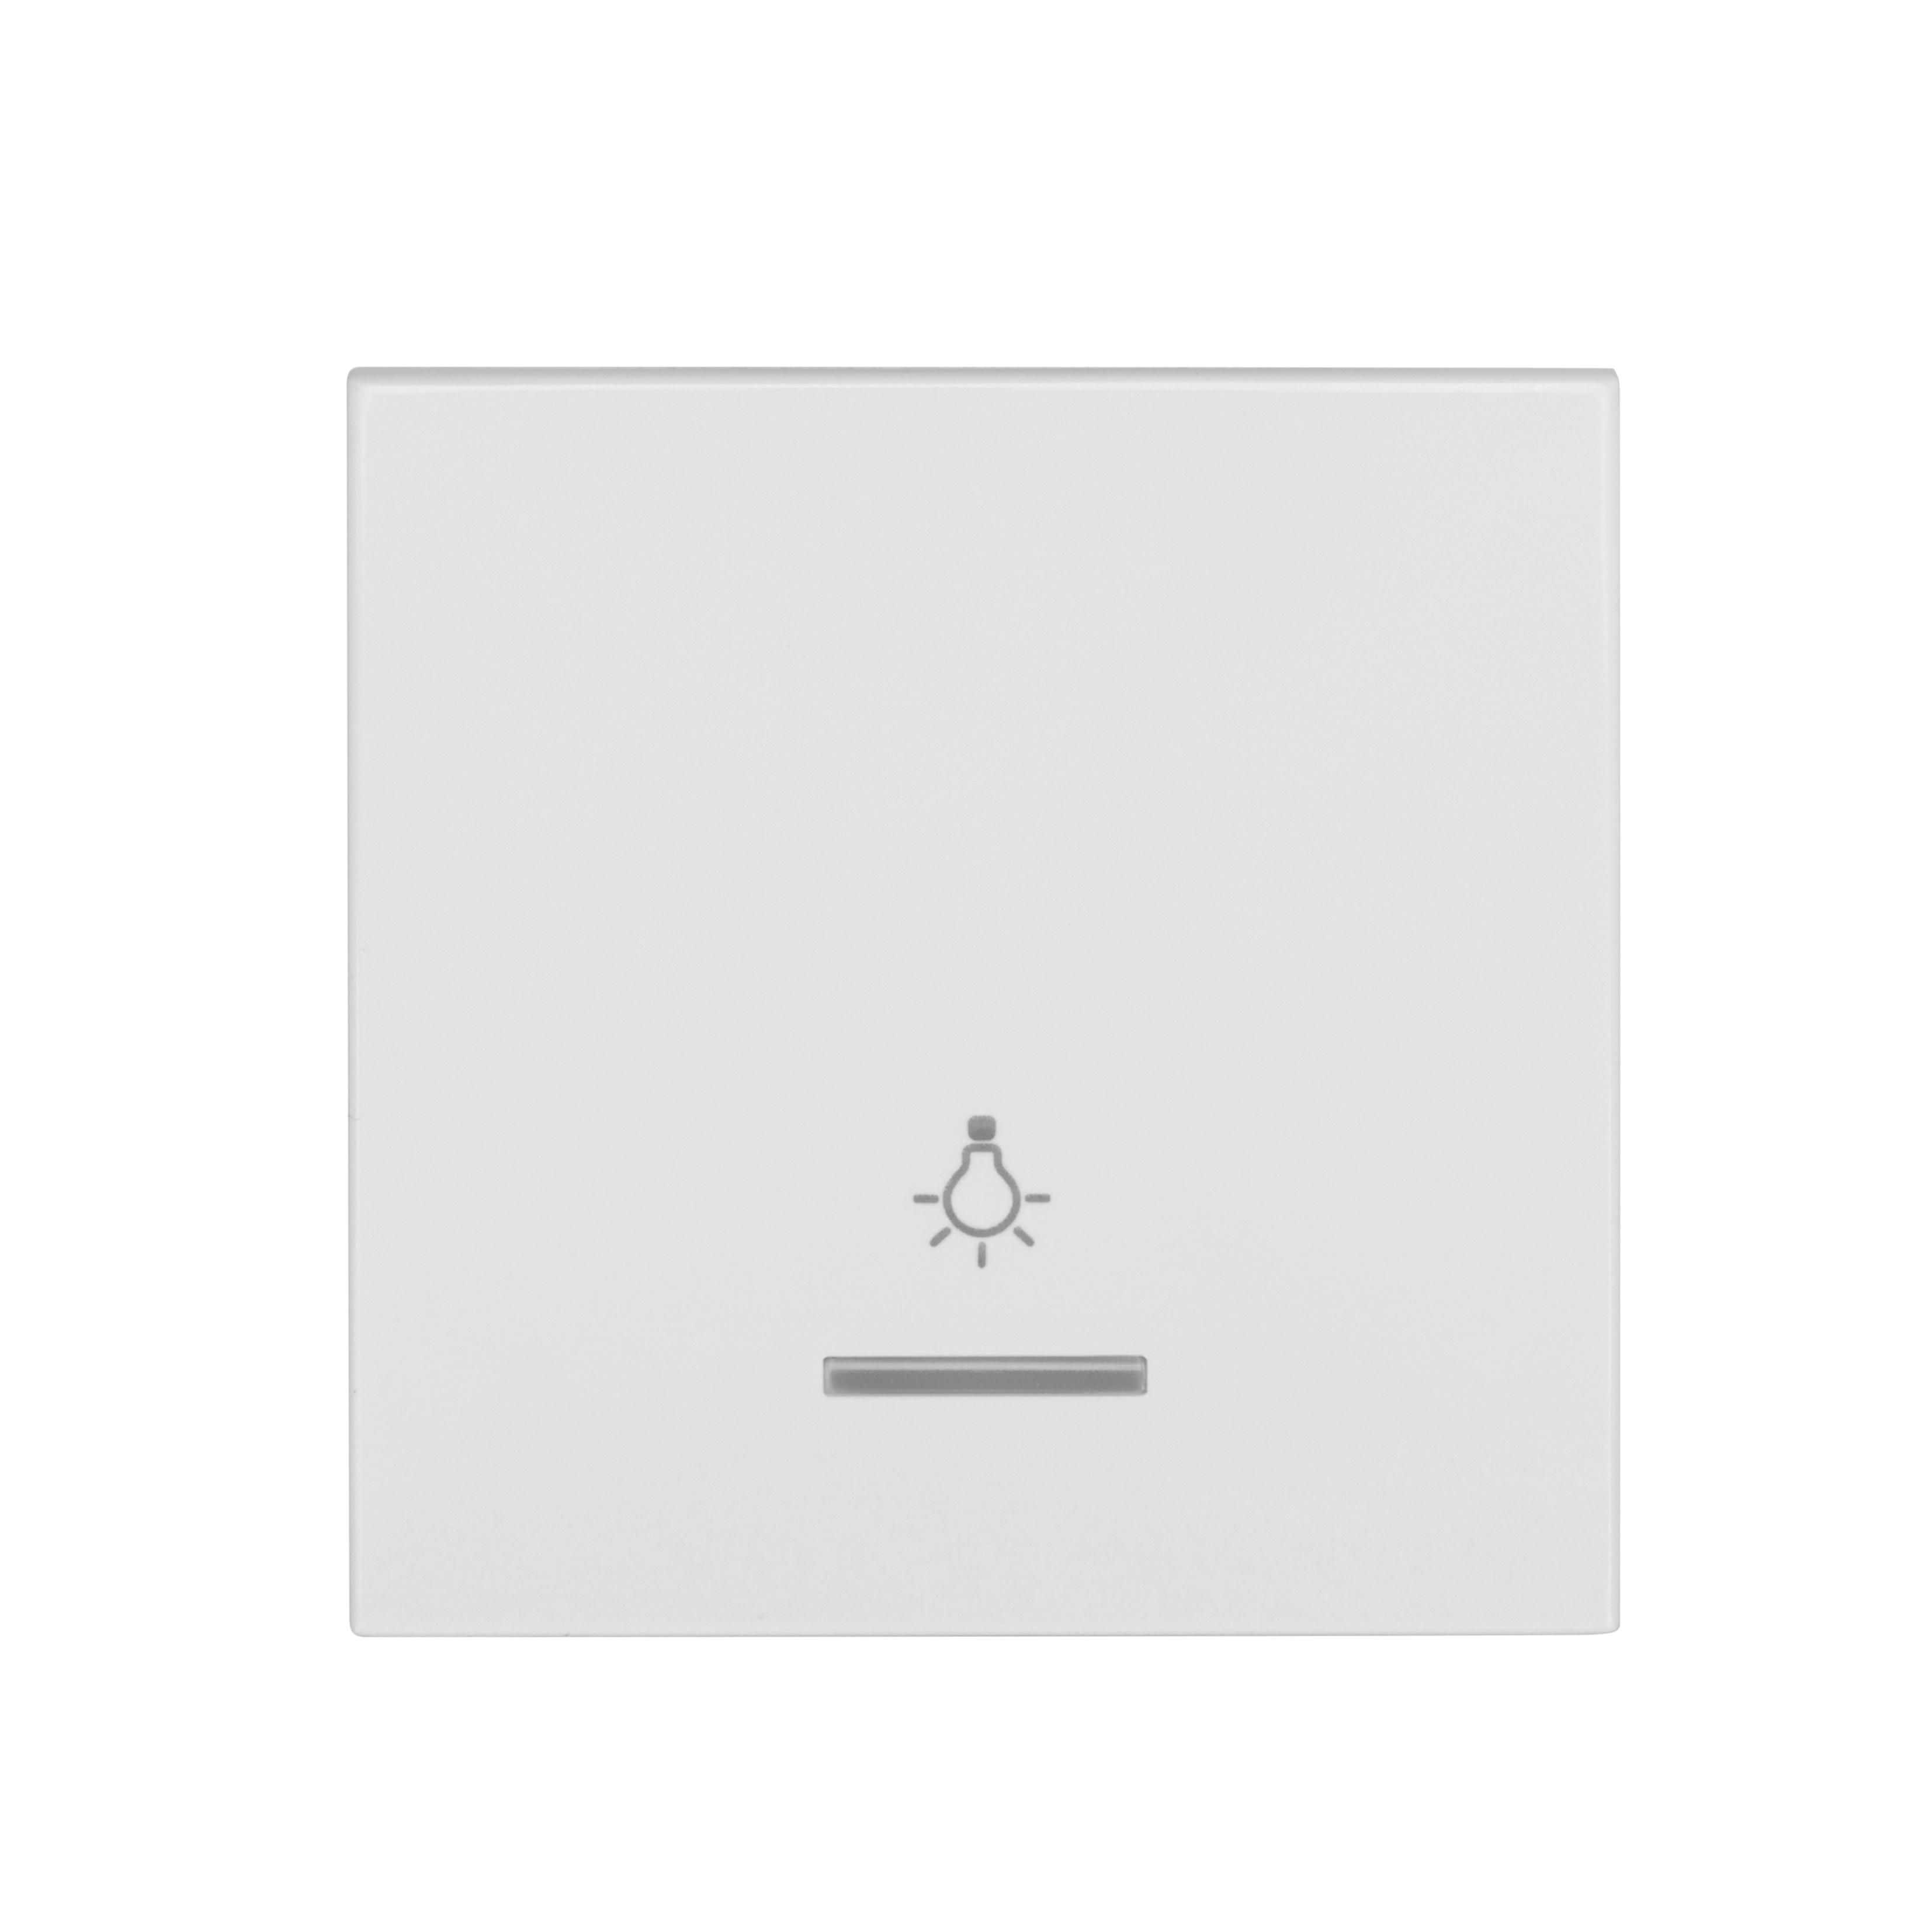 1 Stk Wippe mit transparenter Linse, Symbol Licht, weiß EV102009--